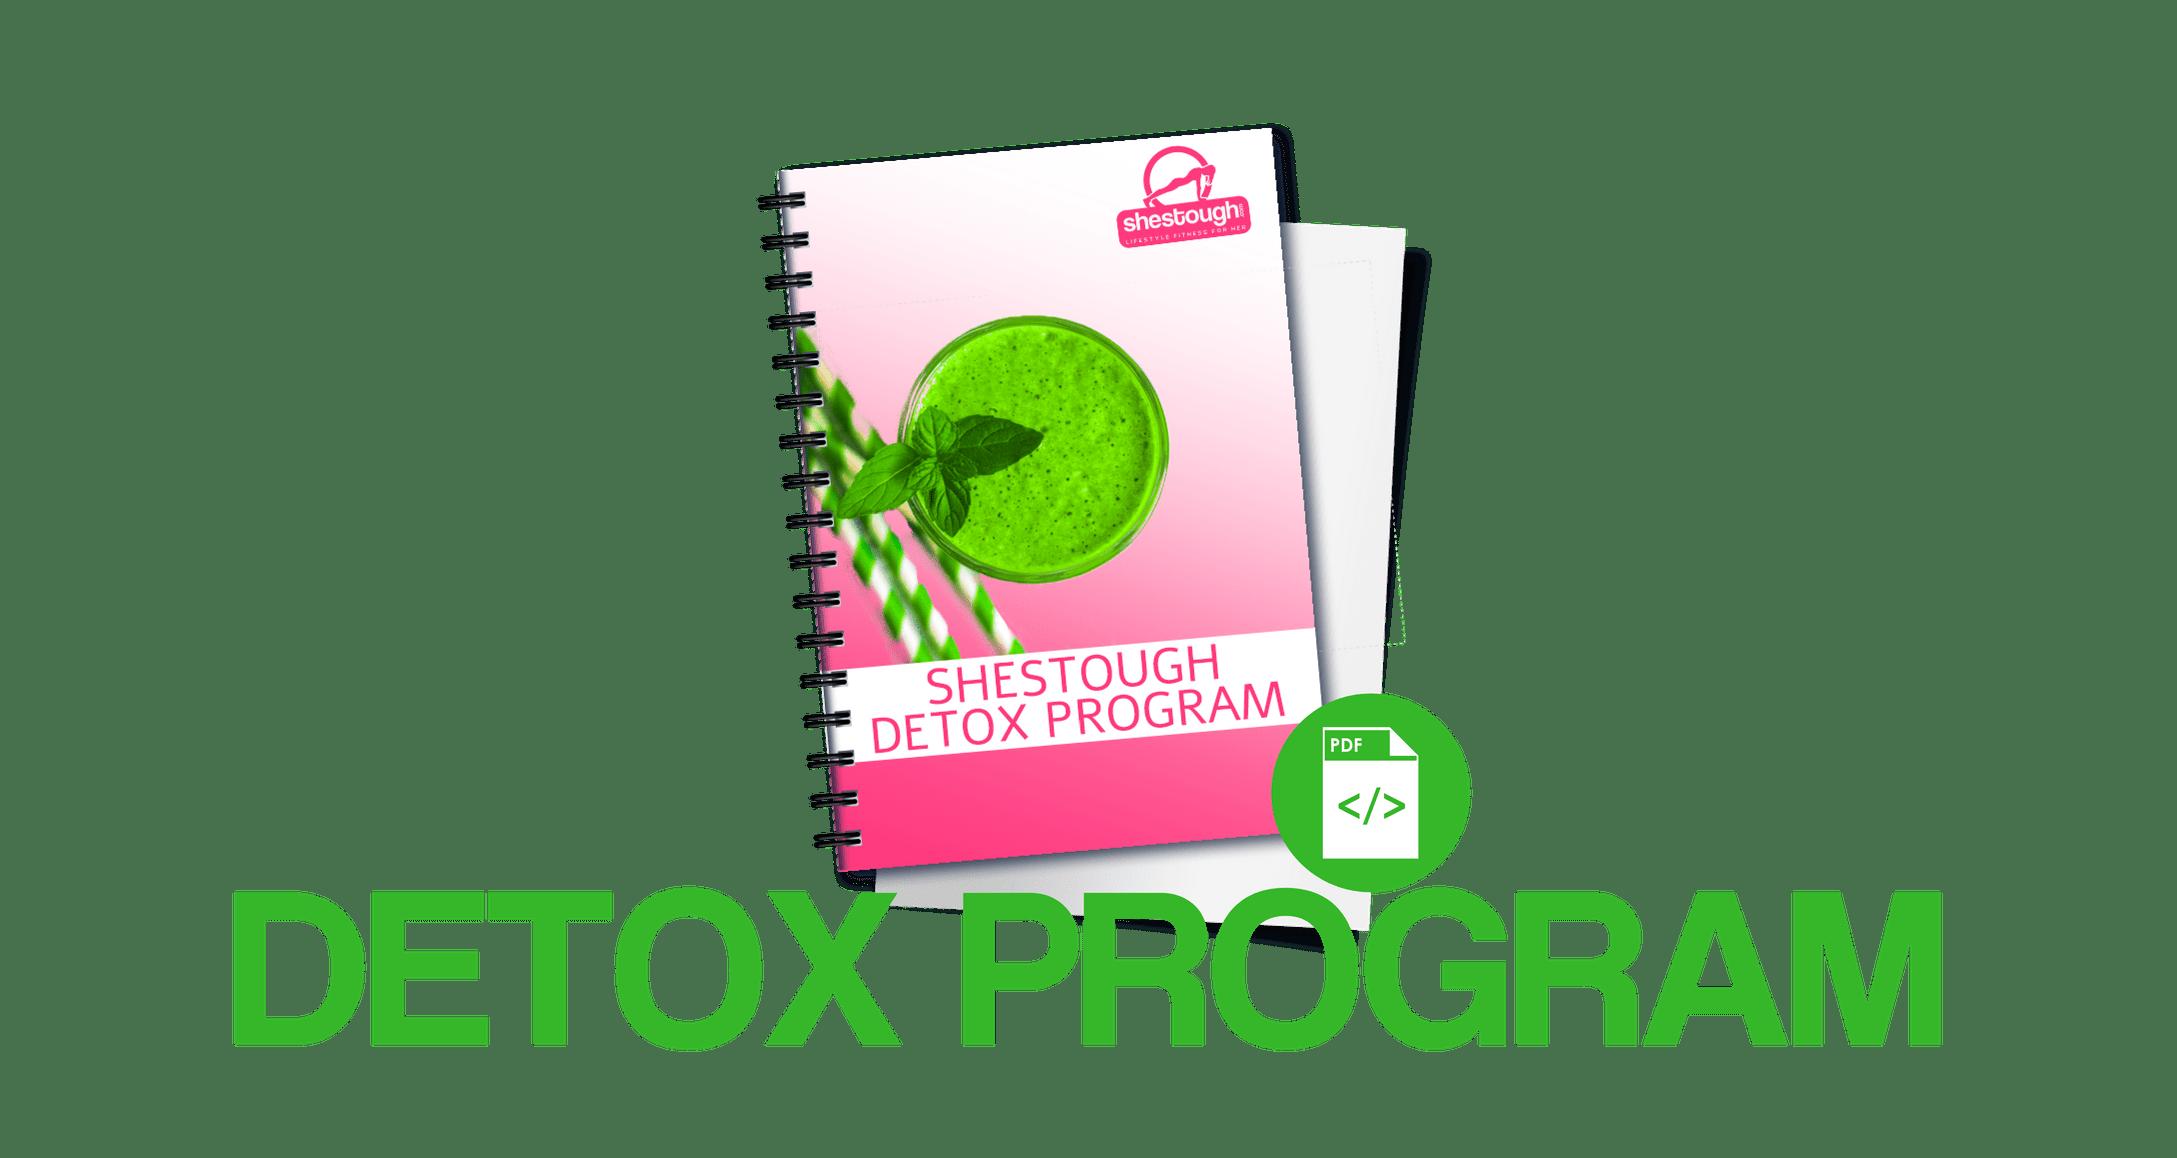 detox shestough